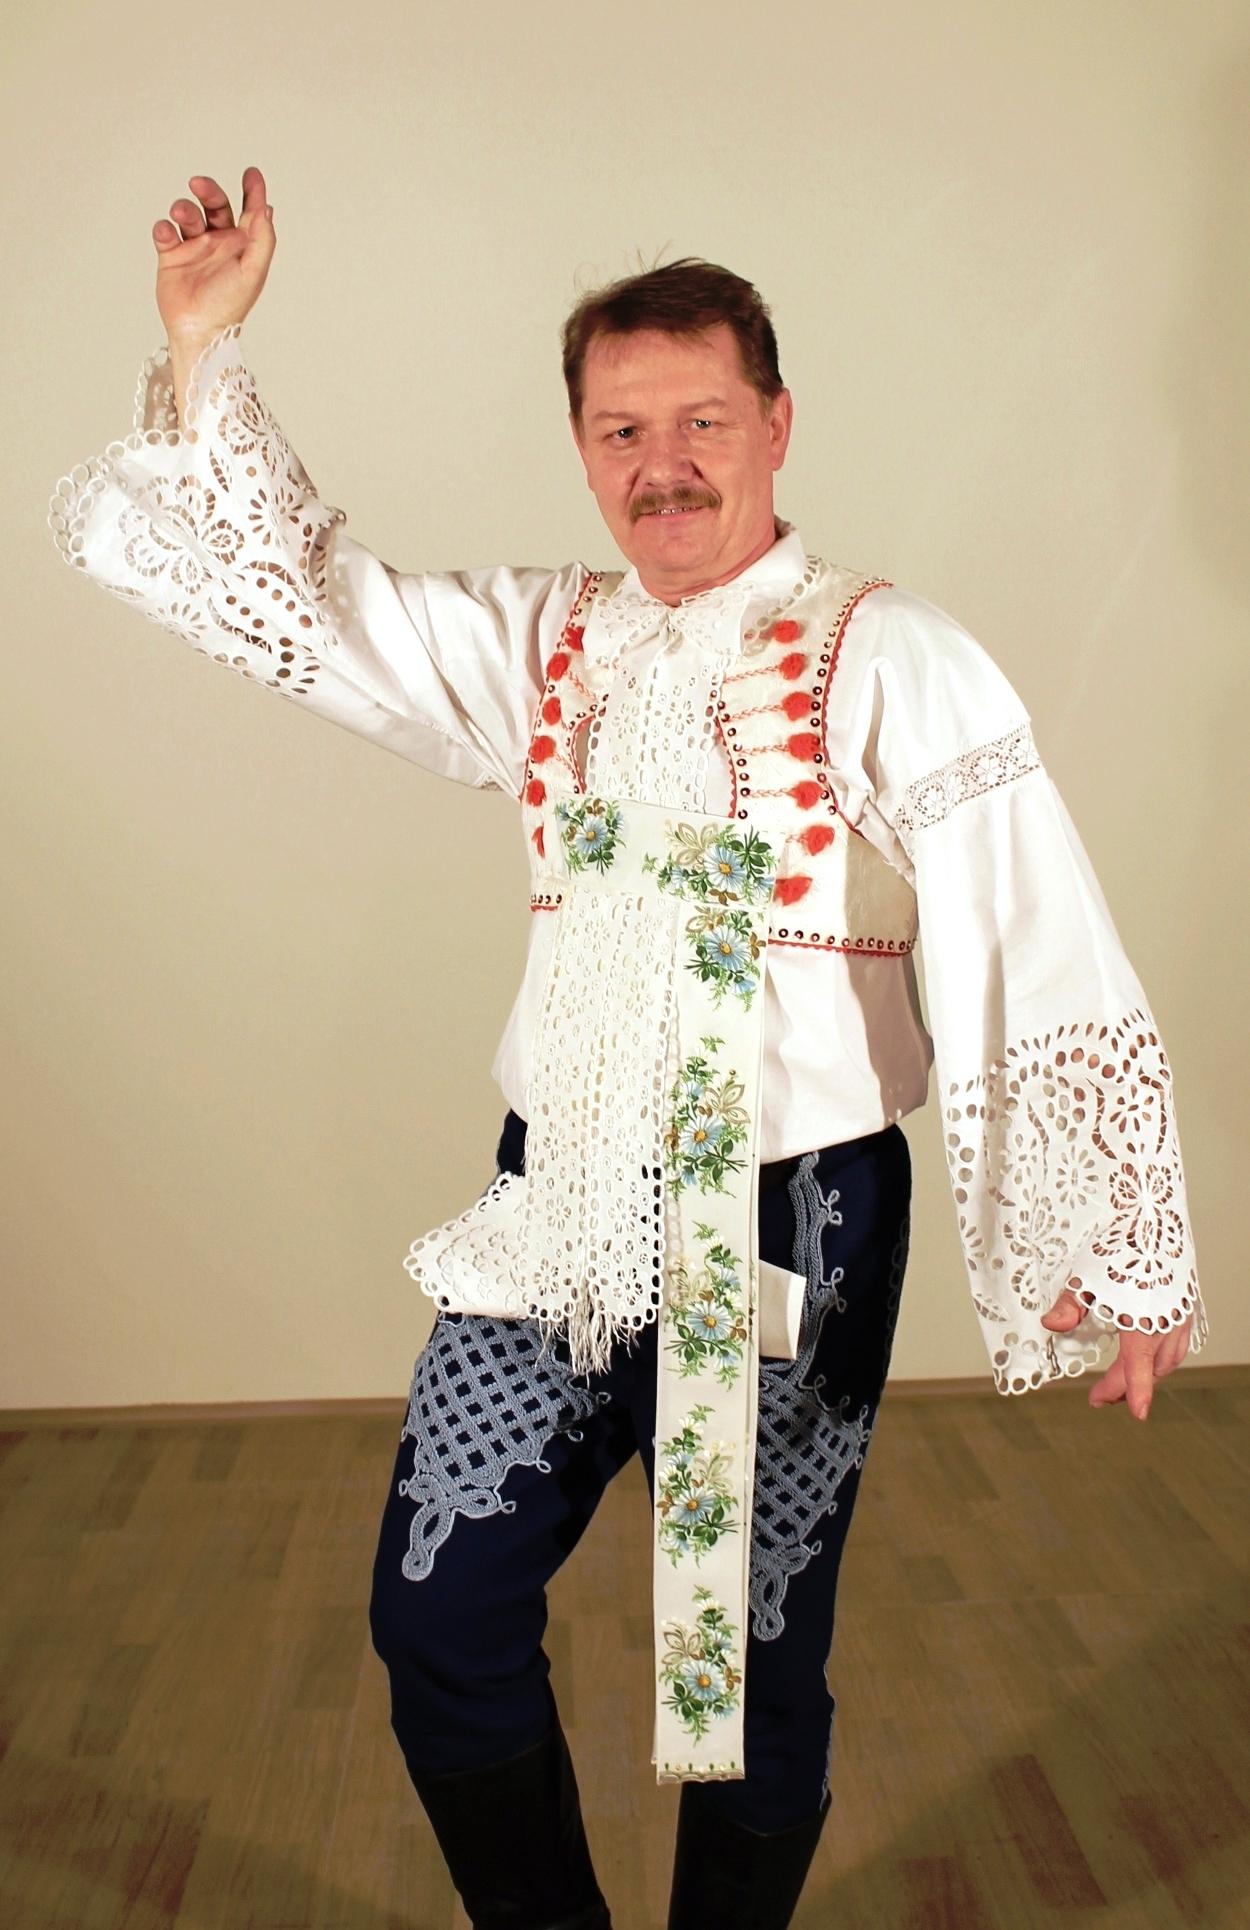 P.Solarik - Peter Solárik (1964) Kopčany